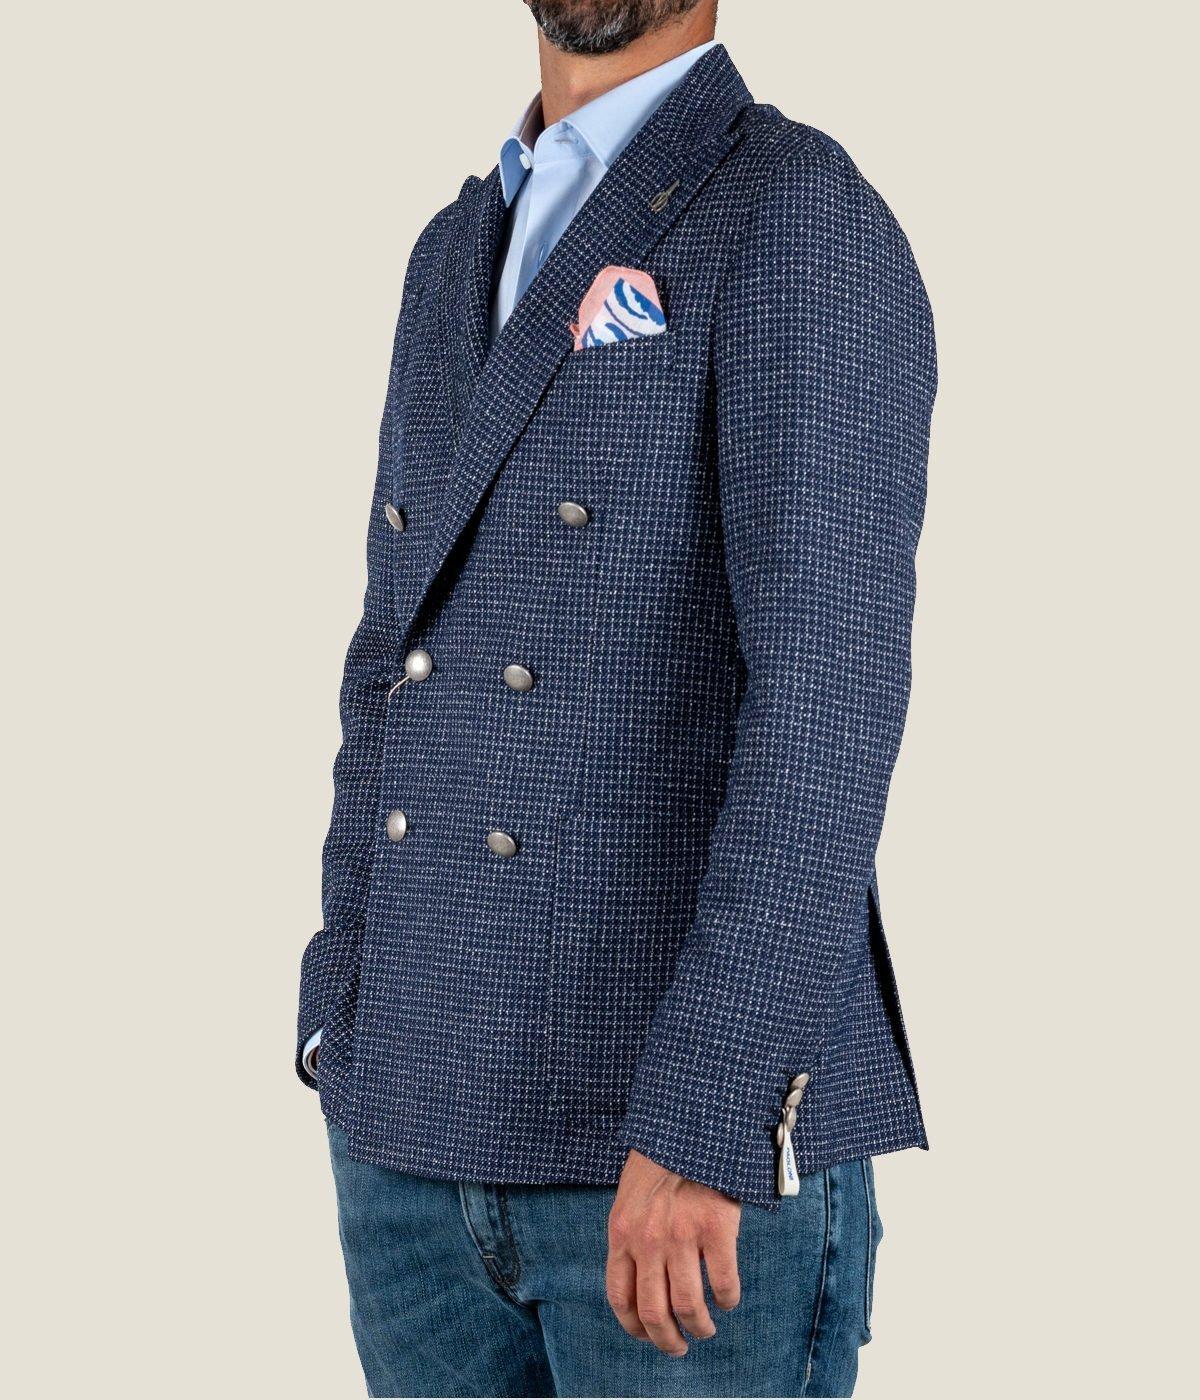 giacca uomo doppiopetro blu